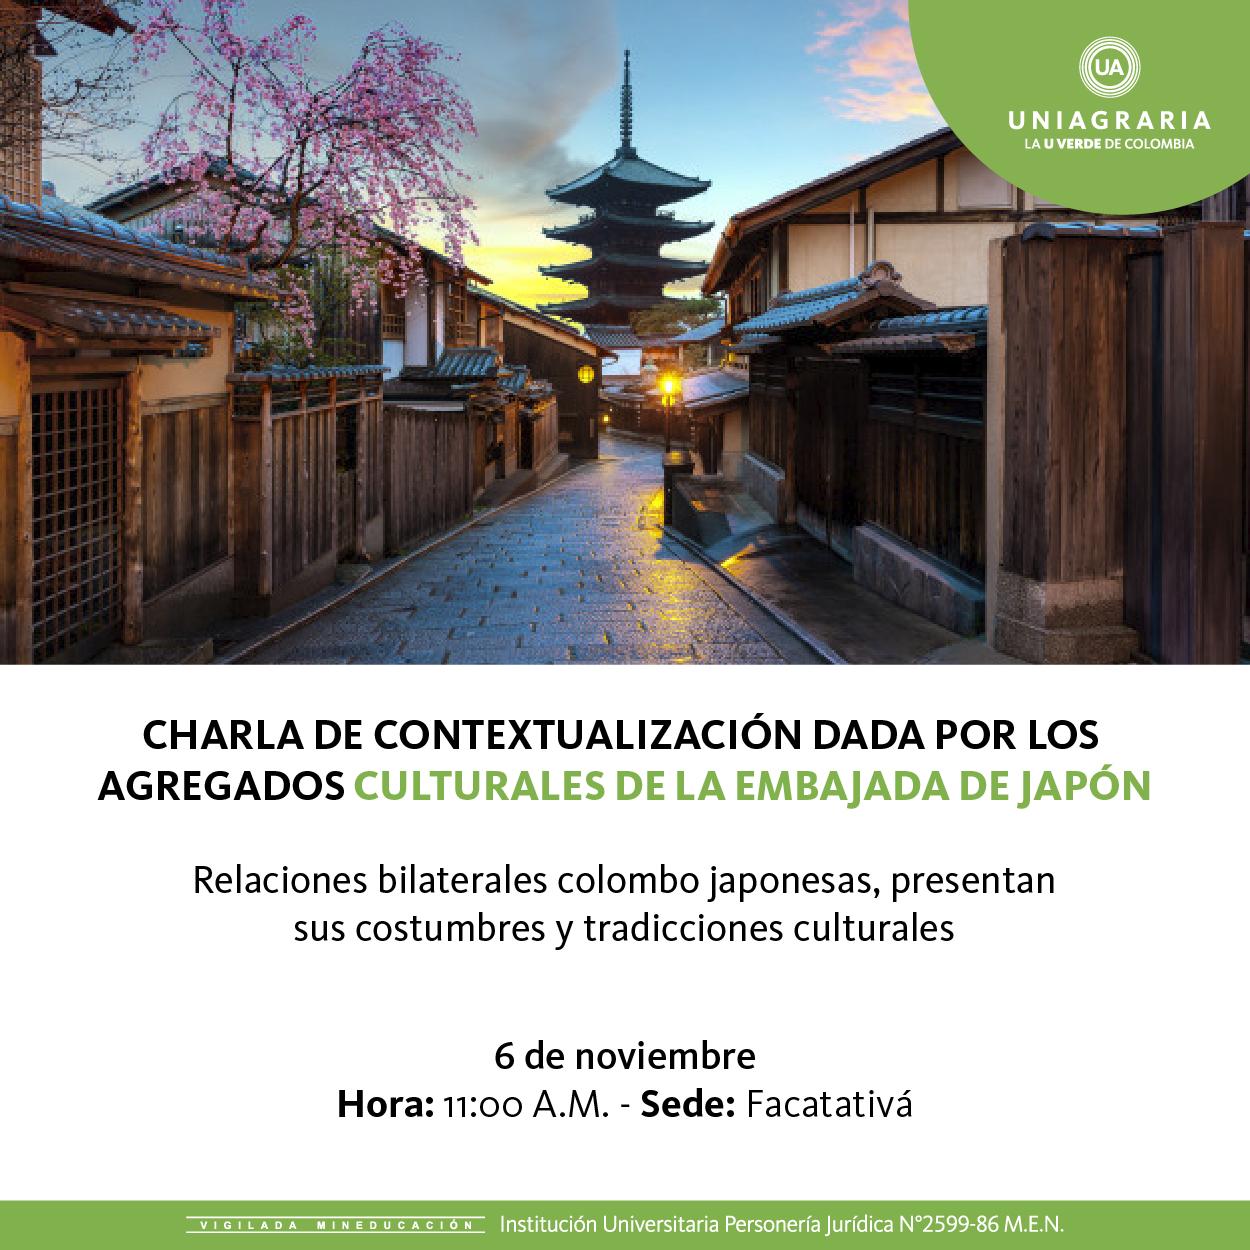 Charla de contextualización dada por los agregados culturales de la embajada de Japón